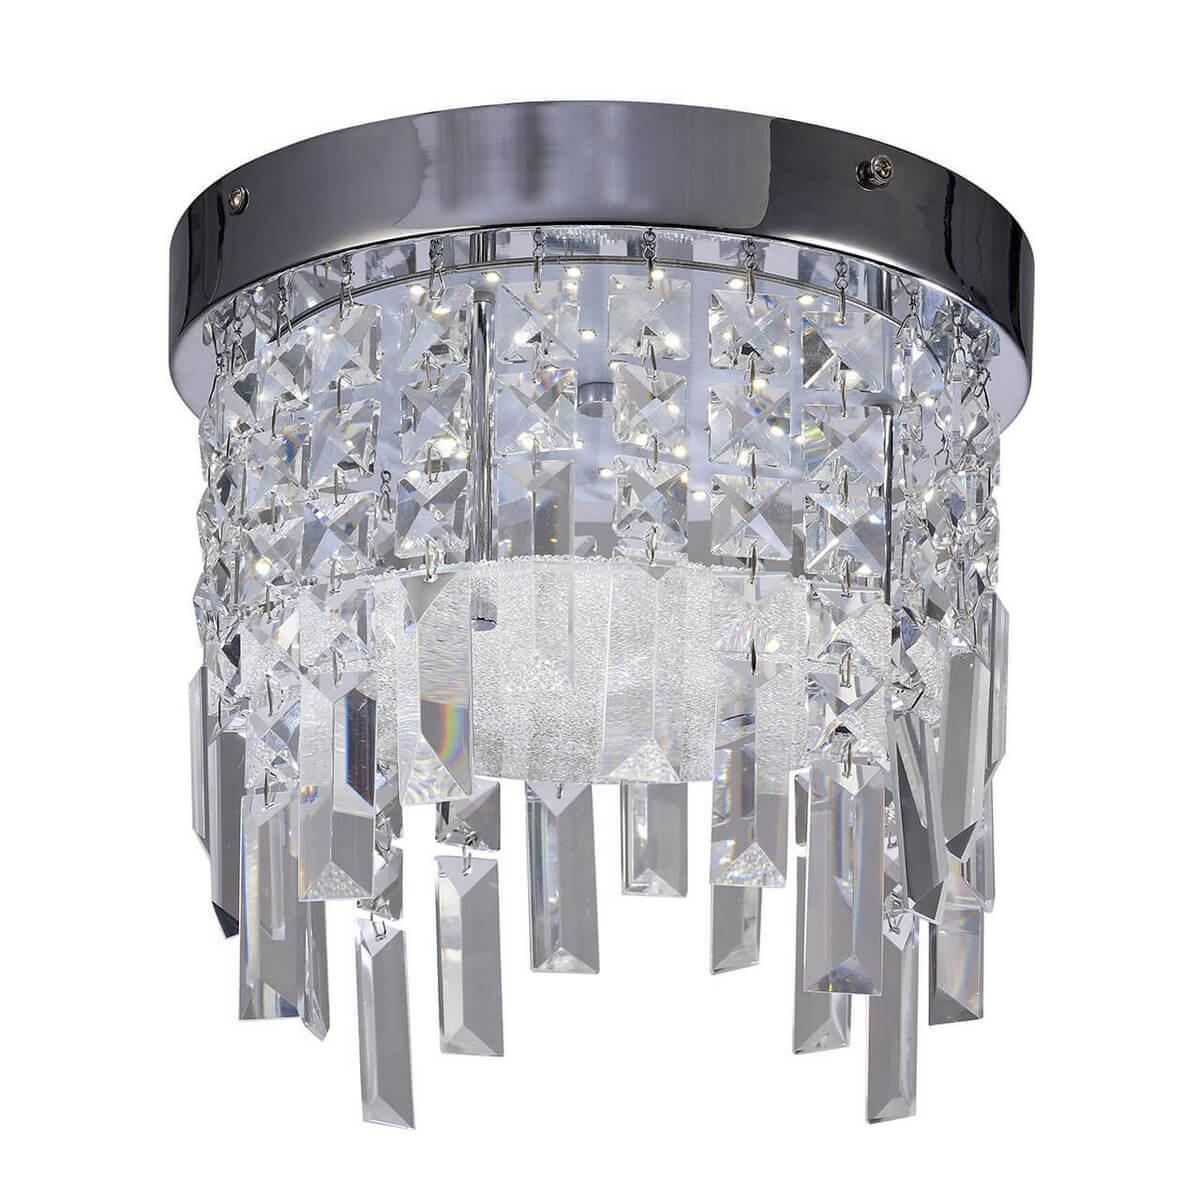 Потолочный светодиодный светильник Mantra Kawai 5522 nowley nowley 8 5522 0 1